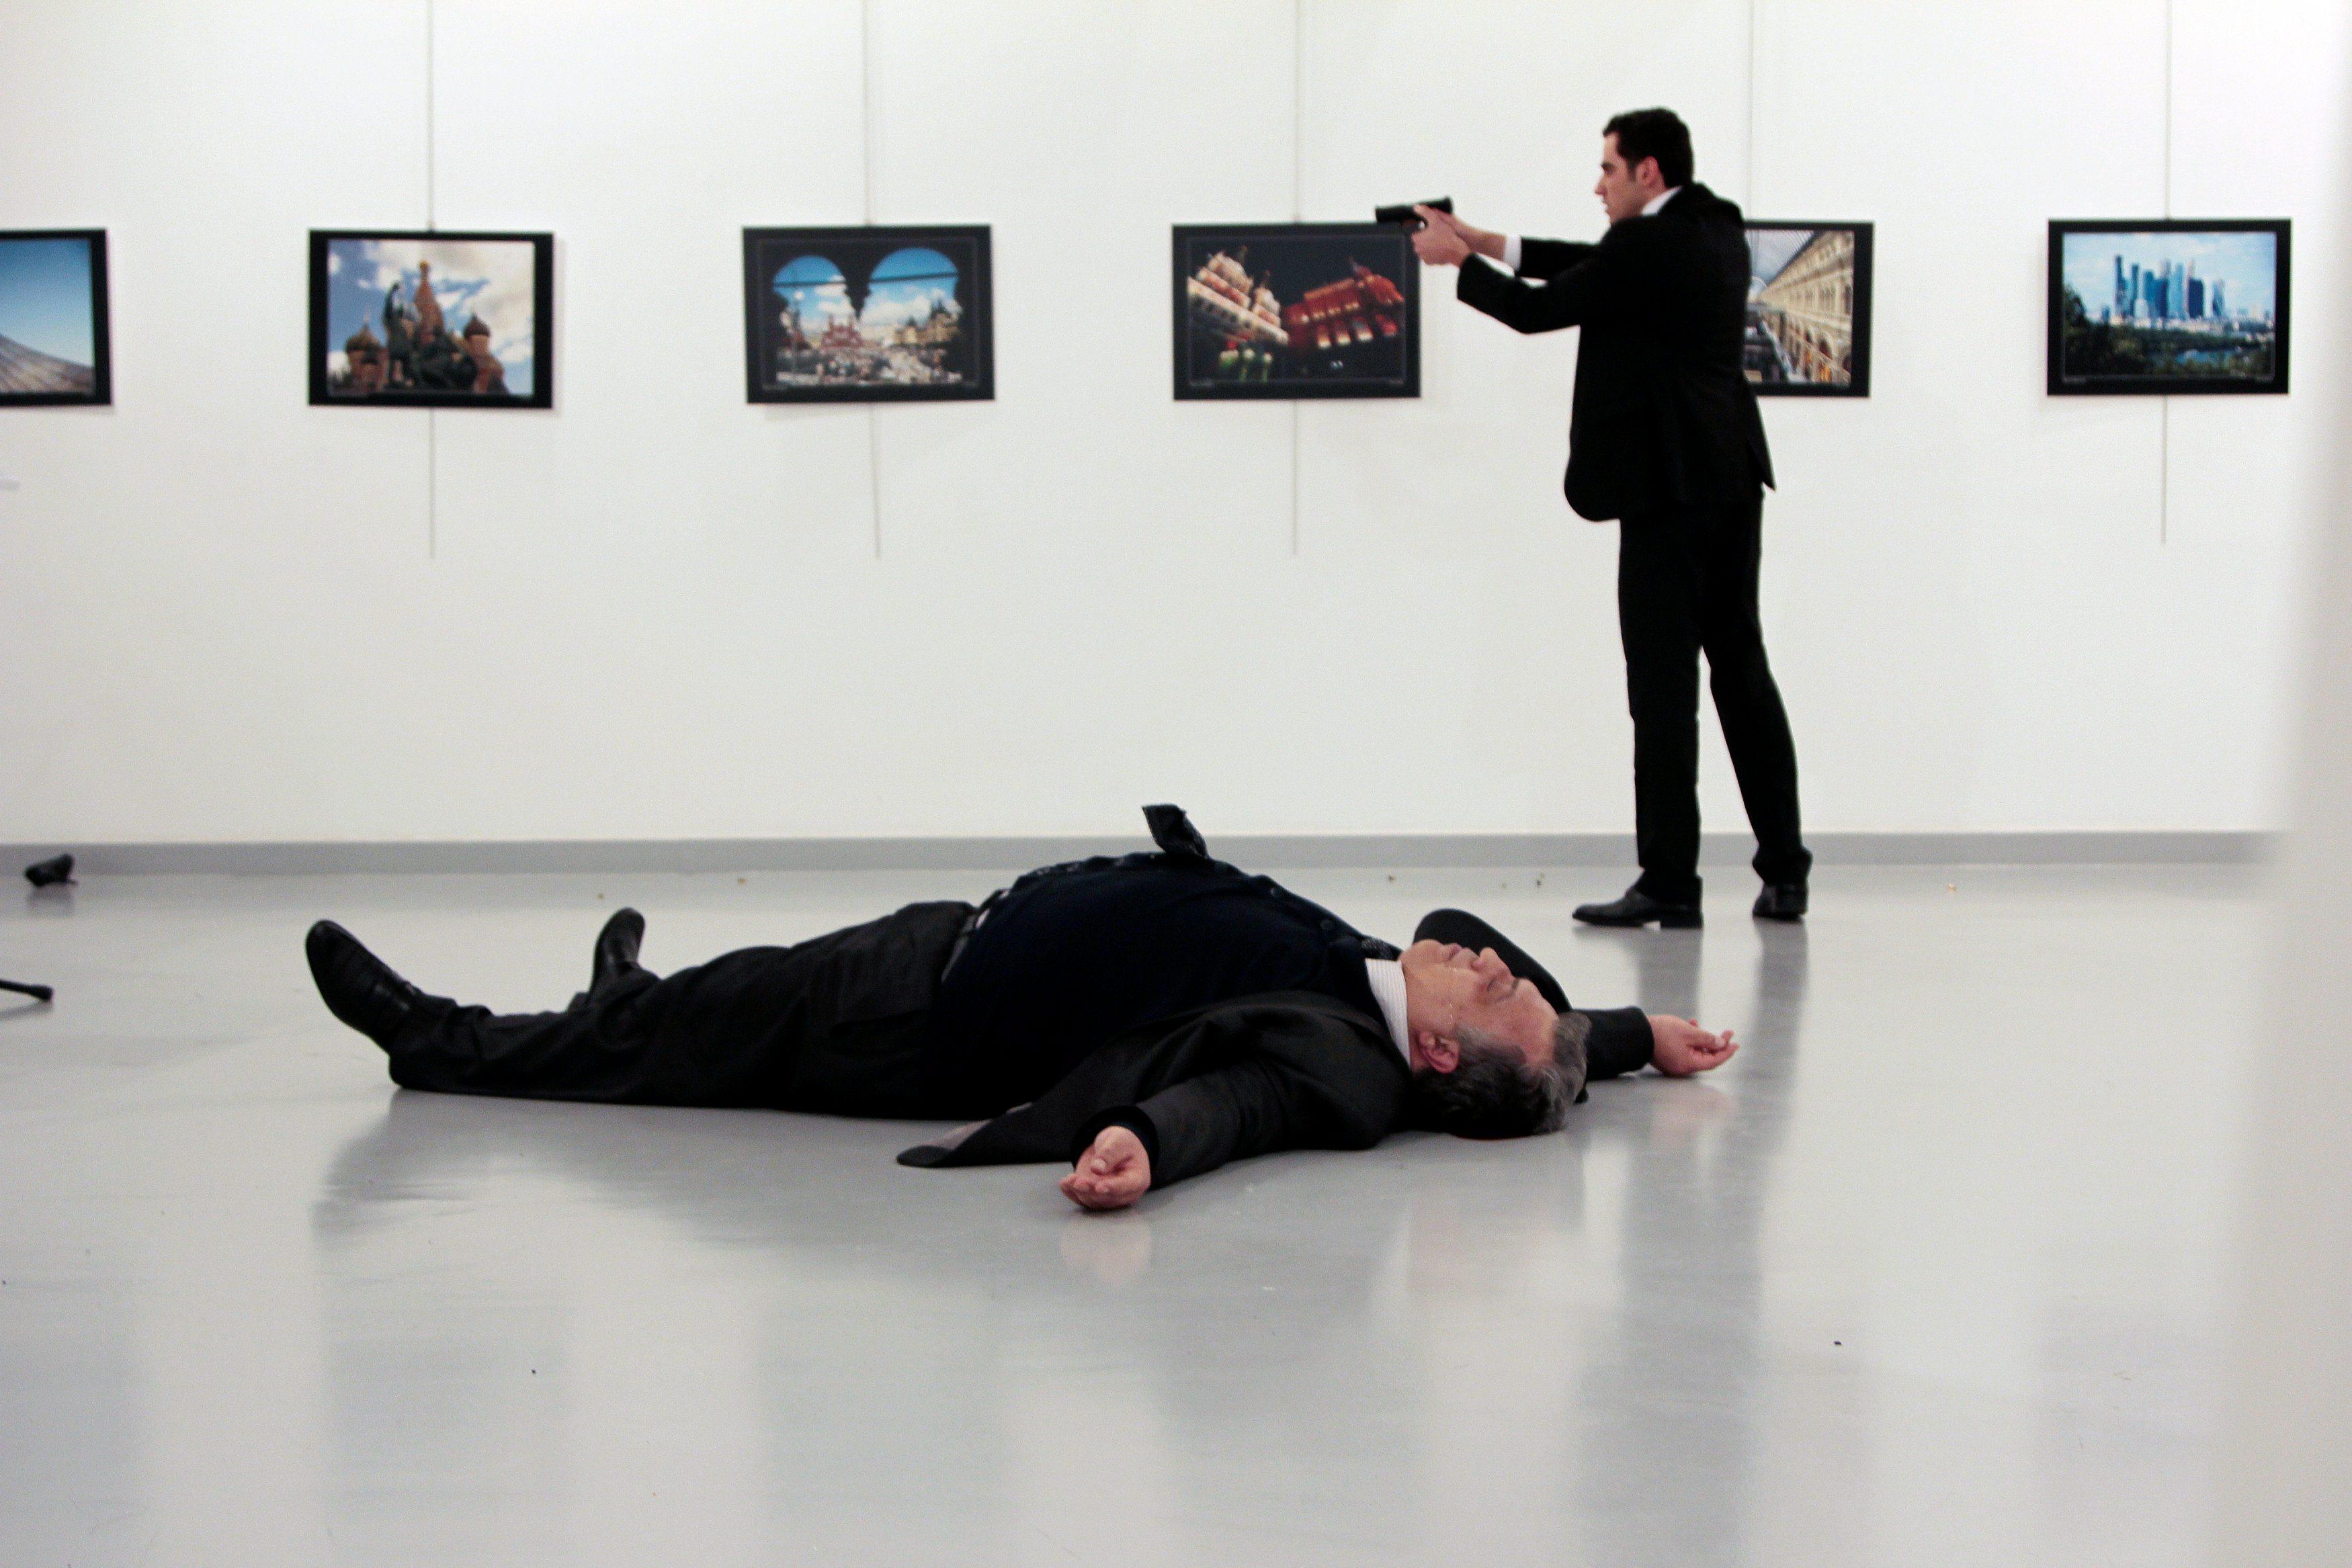 Napadač stoji iznad teško ranjenog, kasnije preminulog ruskog veleposlanika Andreja Karlova